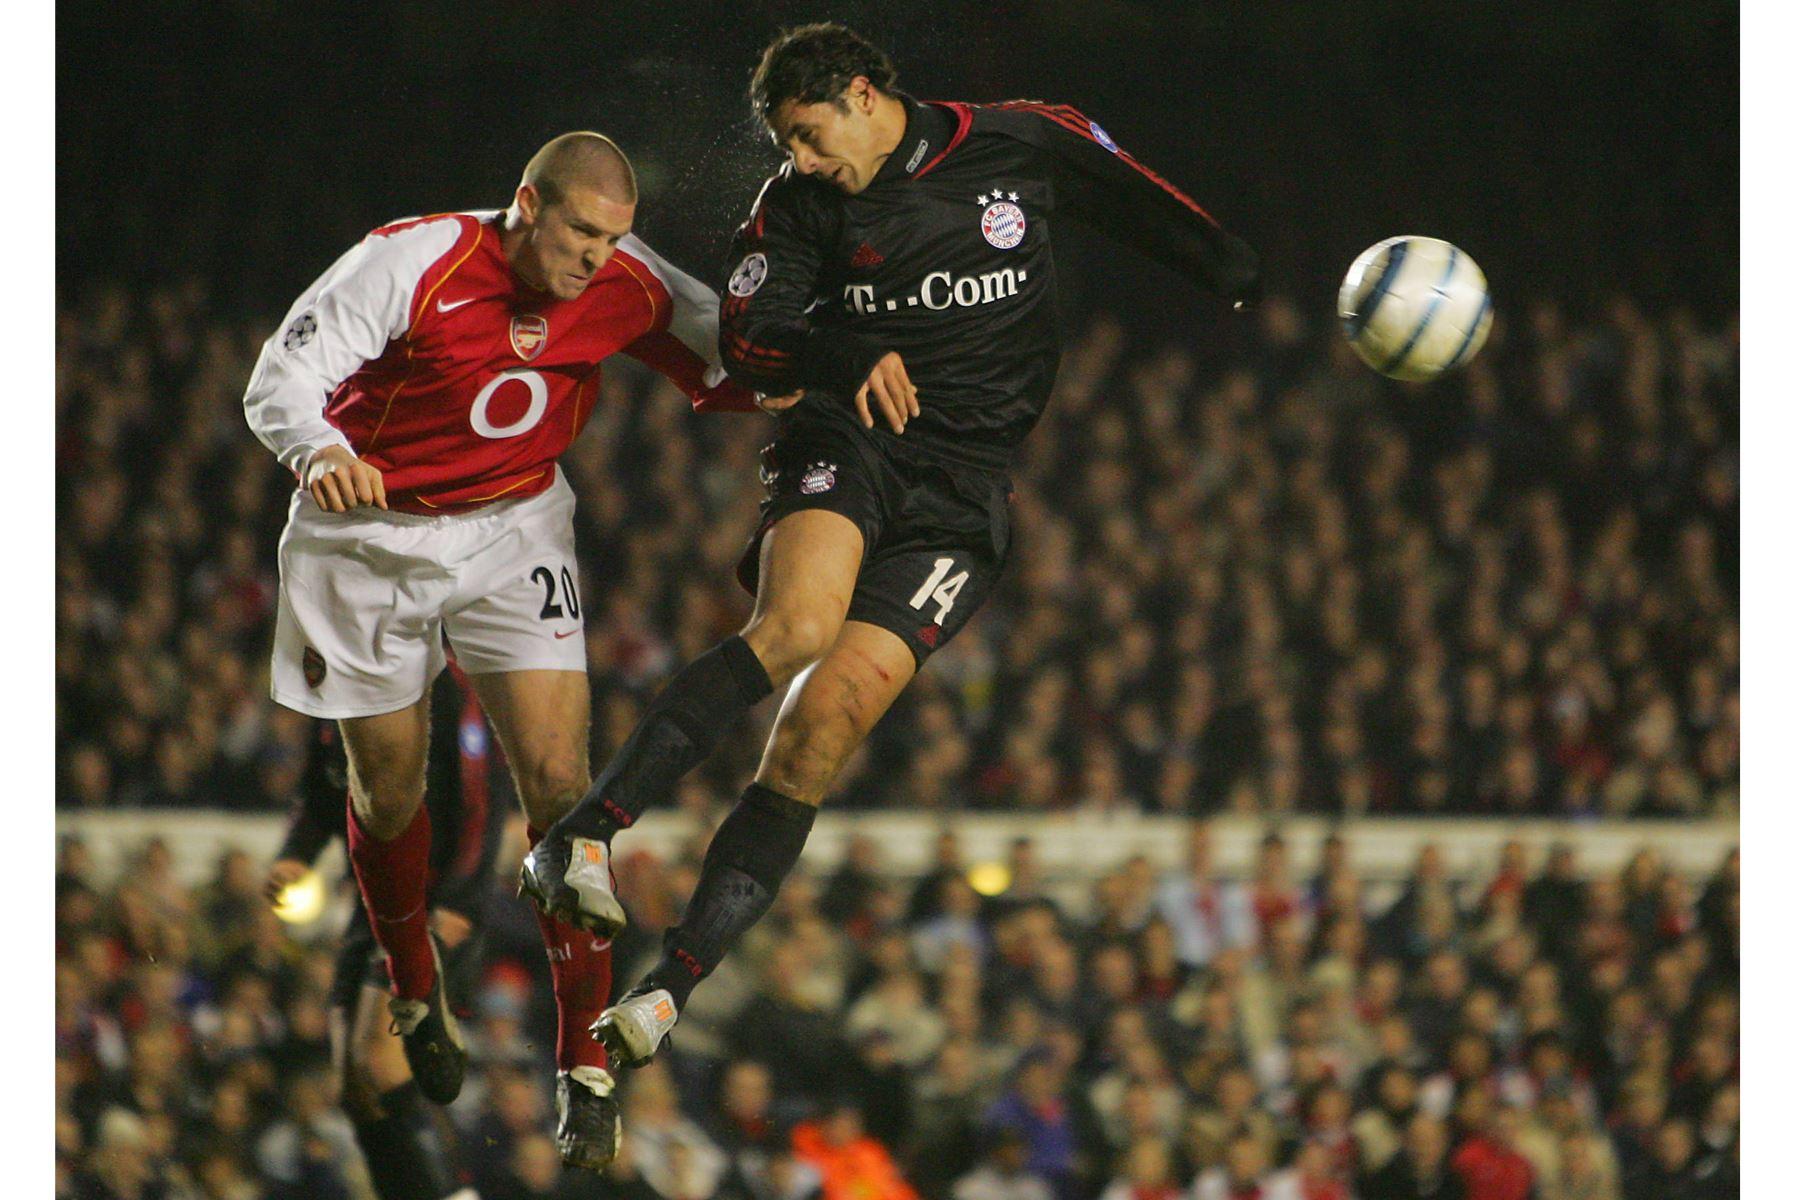 El futbolista Philippe Senderos del Arsenal, aleja el balón de Claudio Pizarro del Bayern de Múnich durante el partido de vuelta de la Liga de Campeones en Highbury, Londres, el 9 de marzo de 2005. Foto: AFP